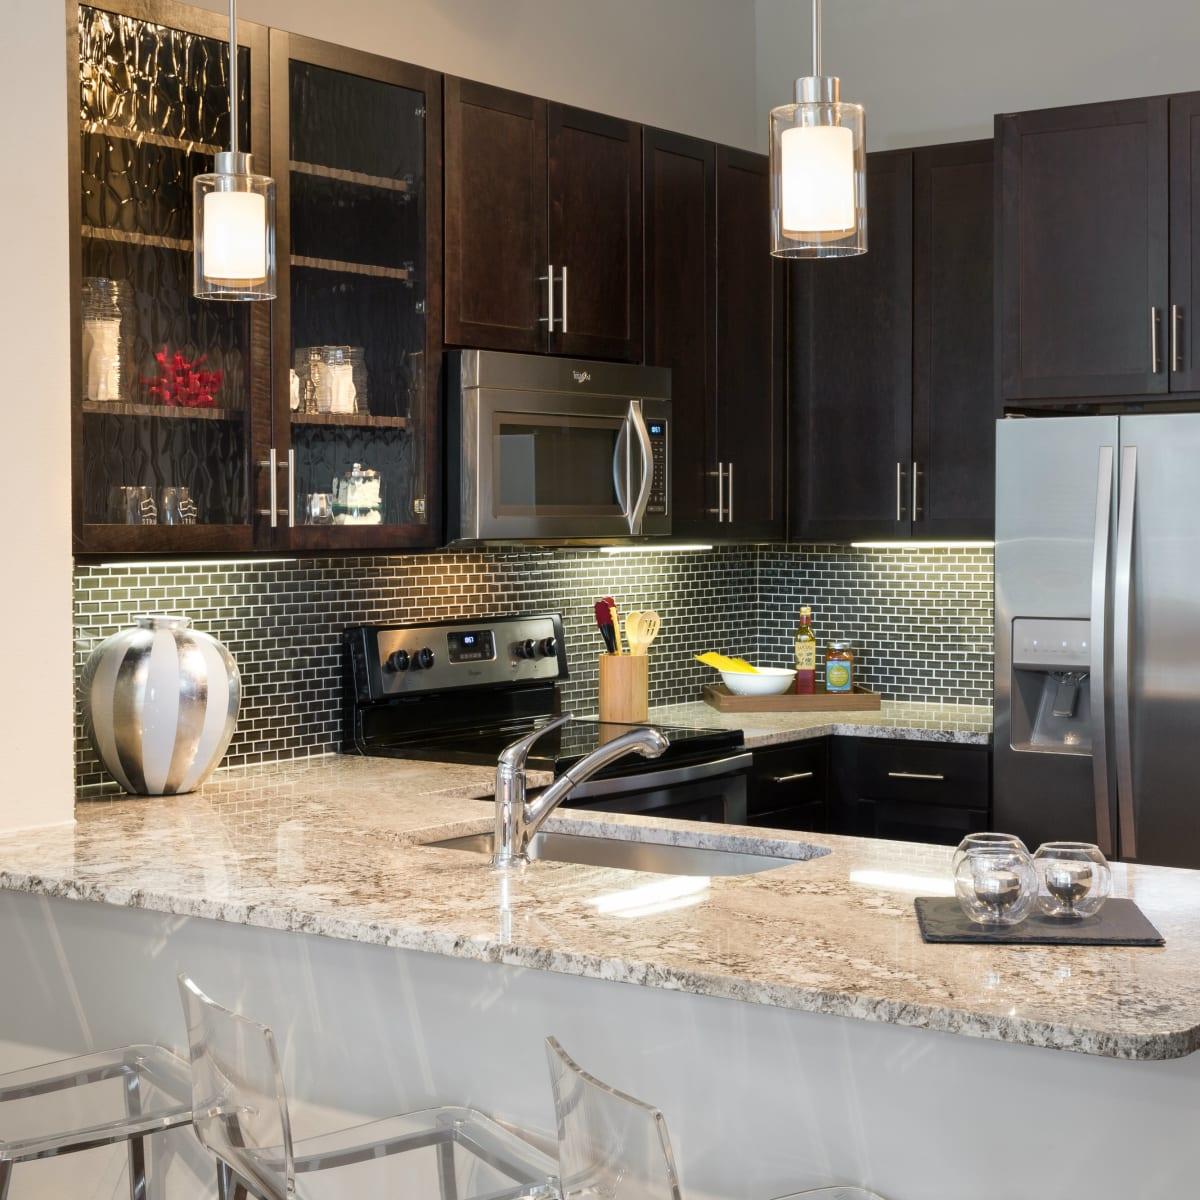 Strata Dallas kitchen